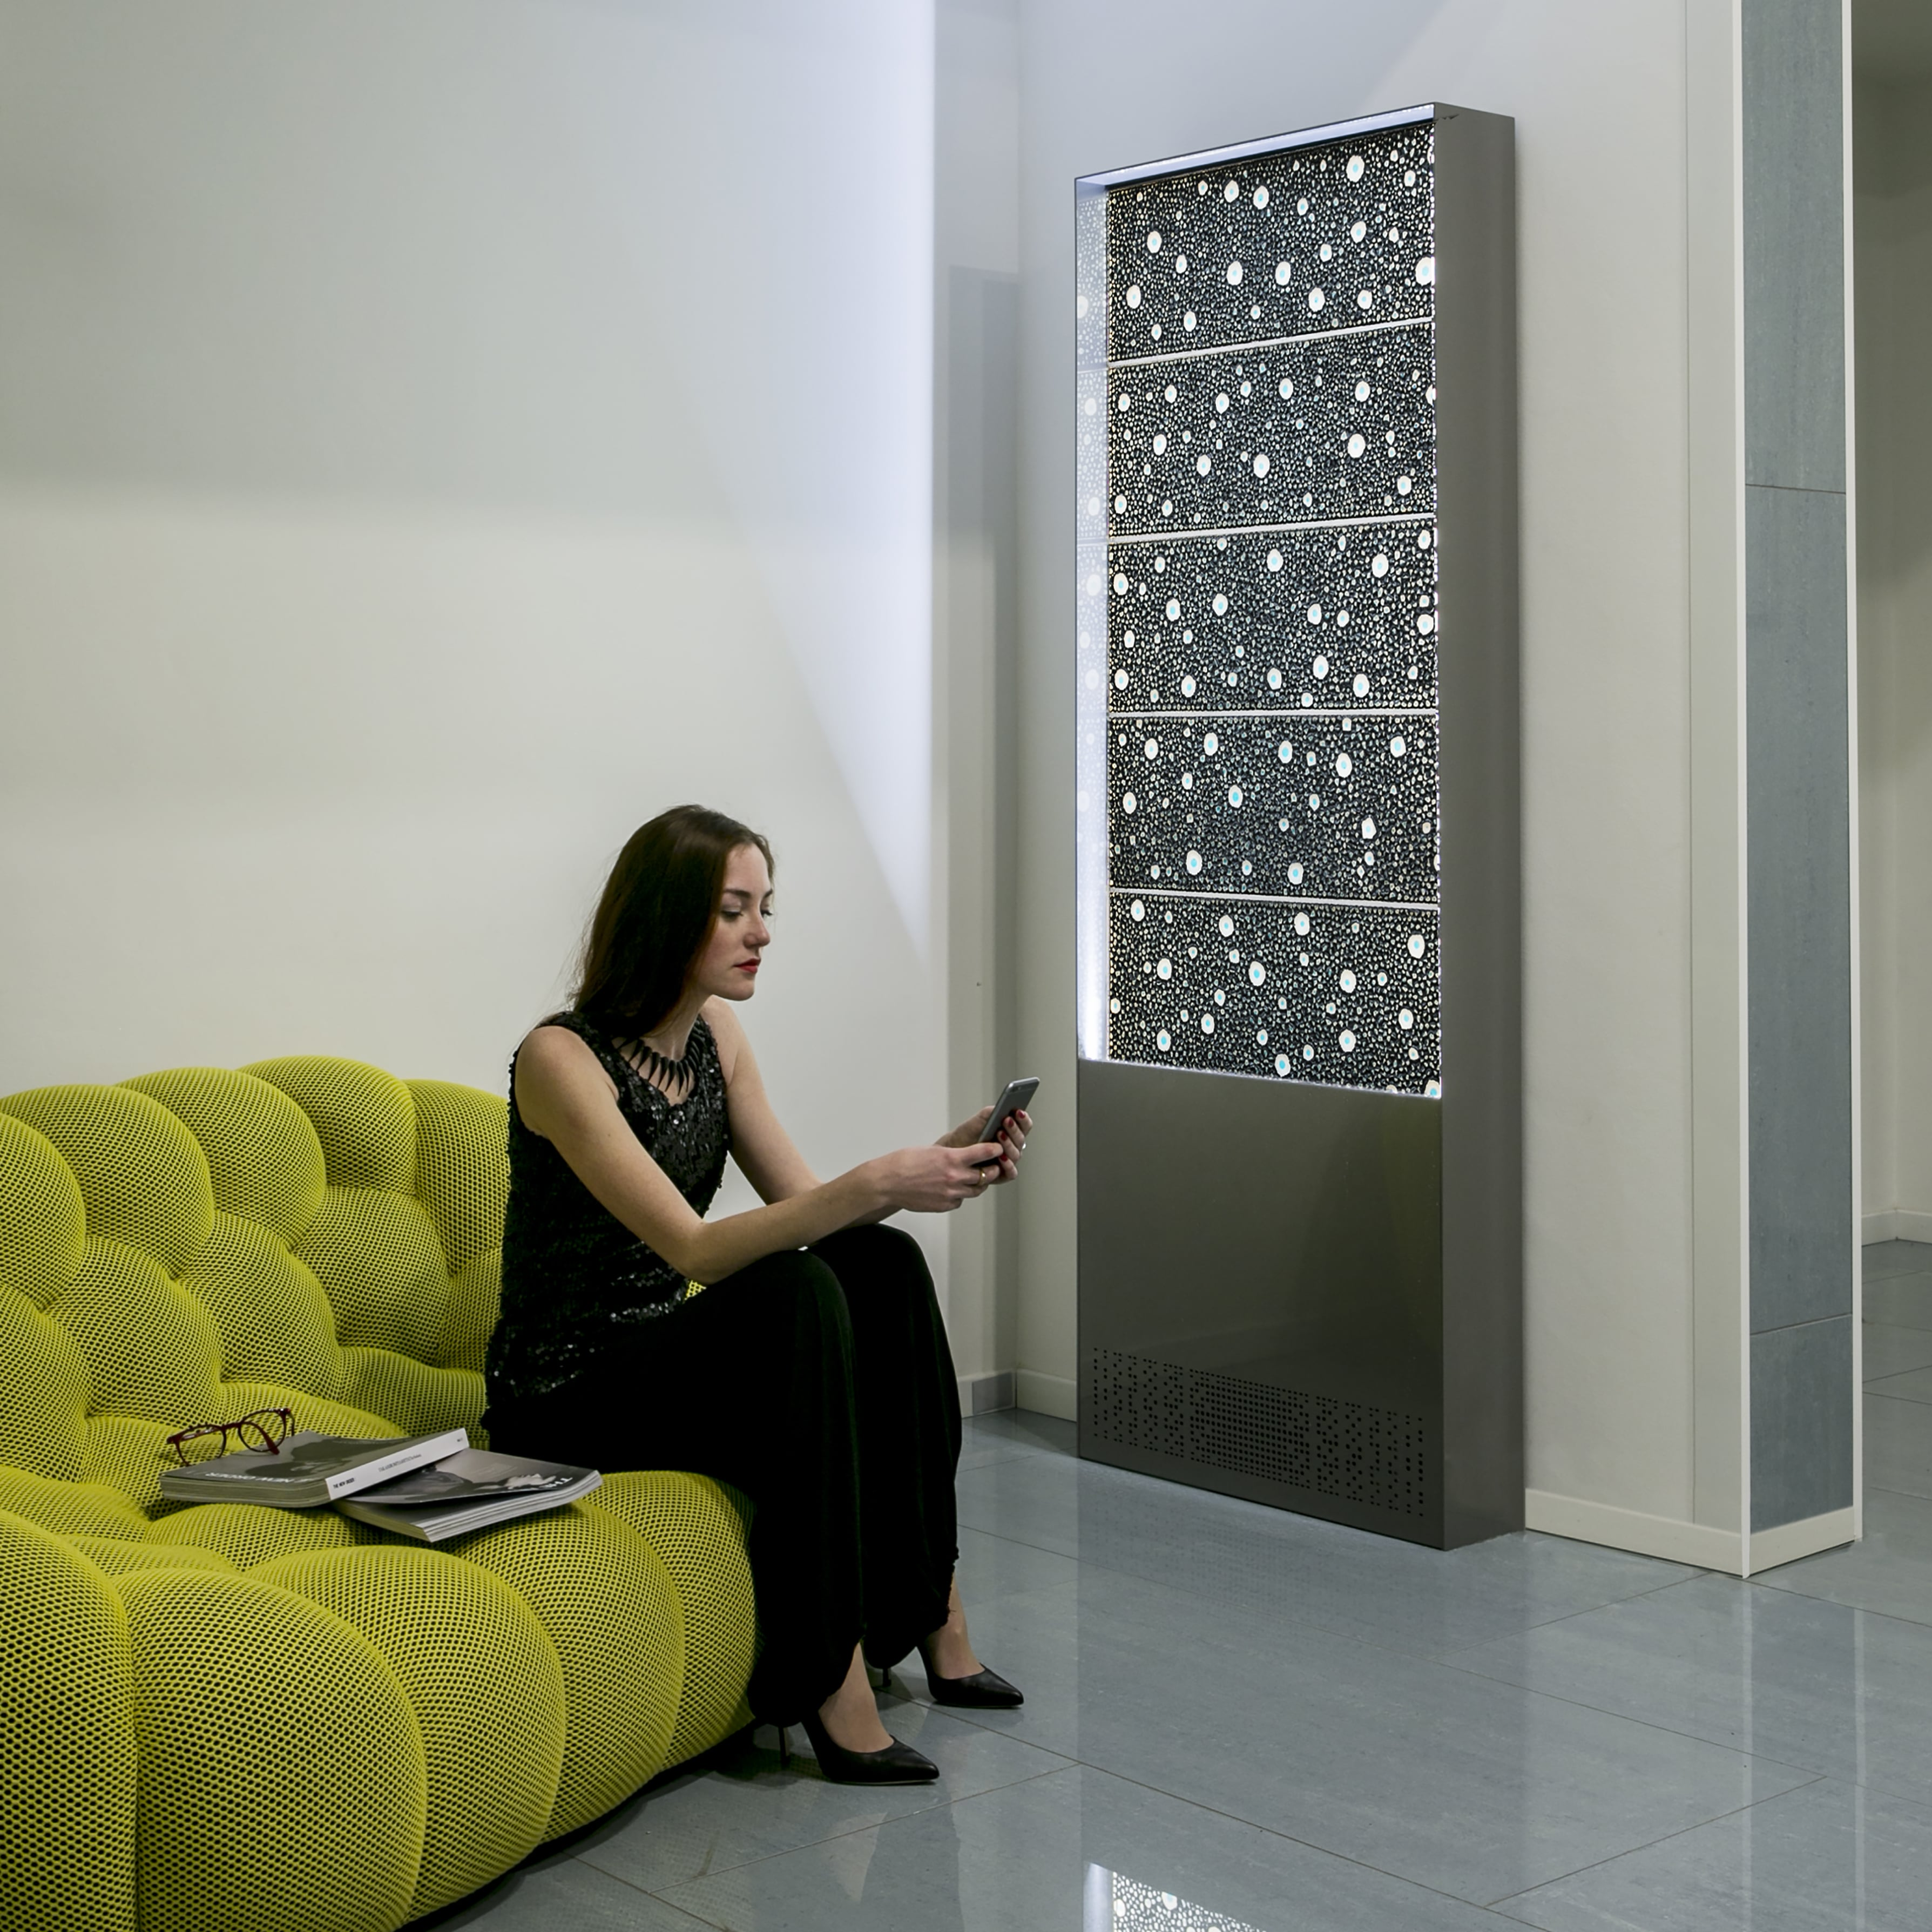 Selene la fontana da interni per la casa del futuro for Interni casa design